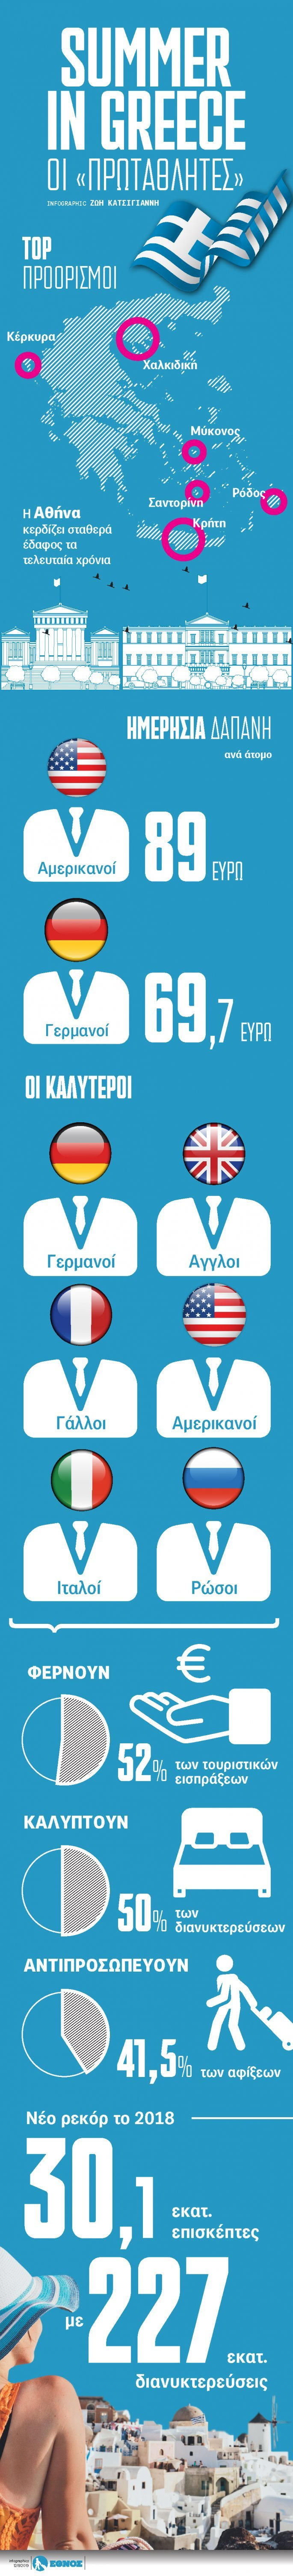 Summer in Greece - Οι πρωταθλητές - Φωτογραφία 2